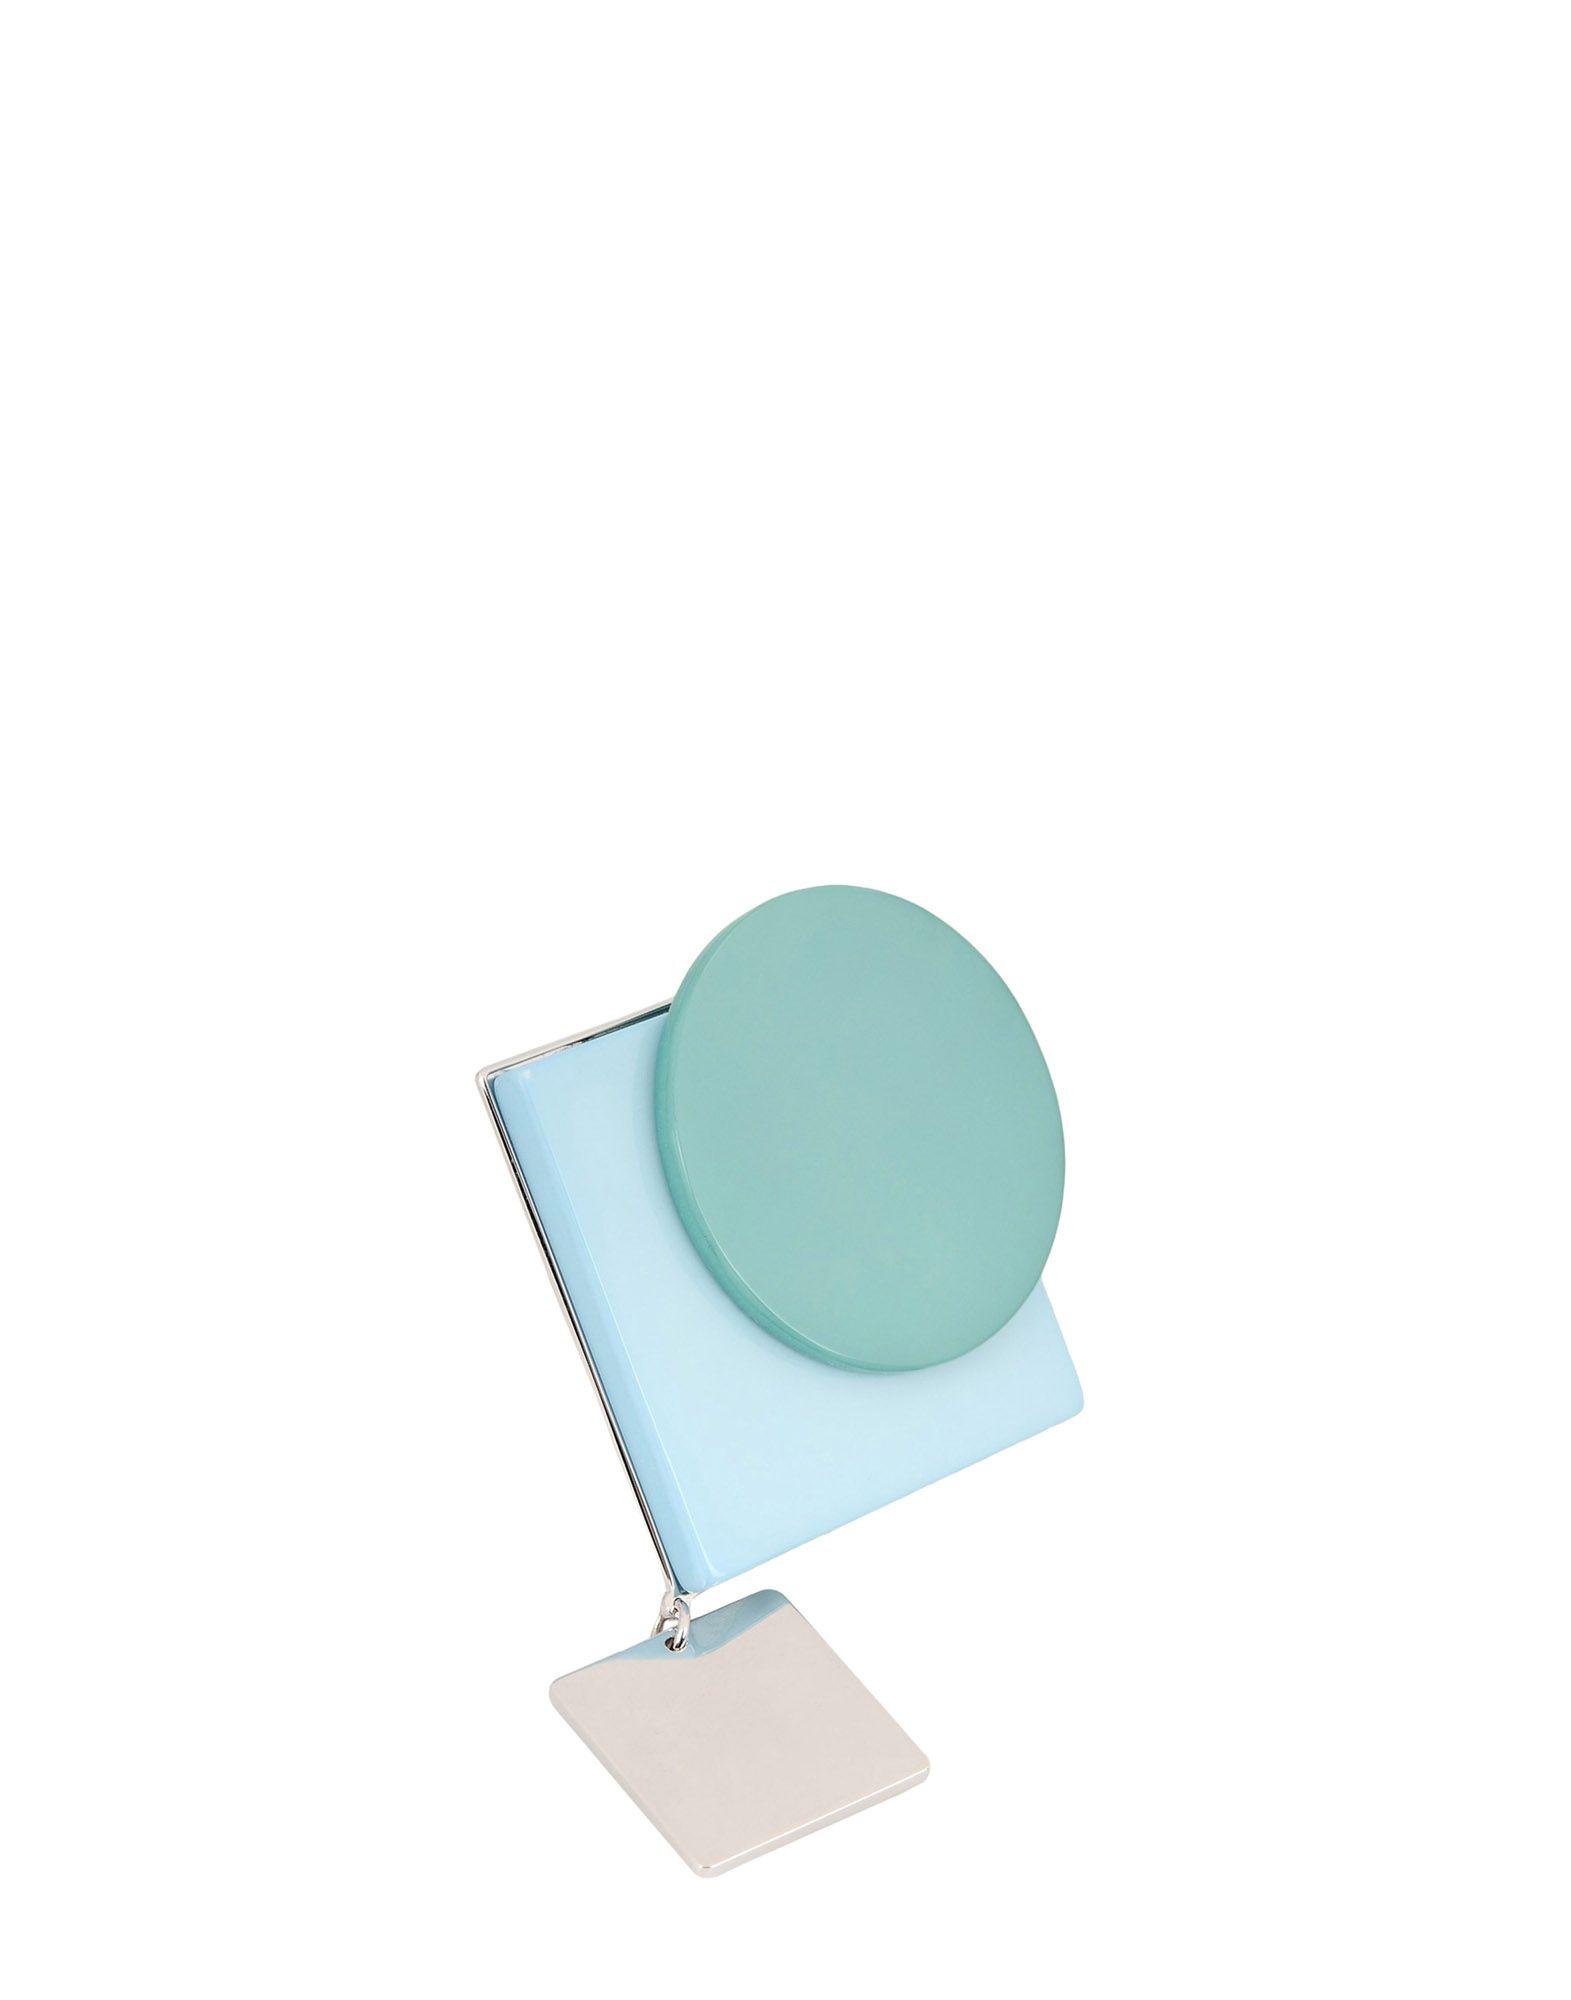 《送料無料》MAISON MARGIELA レディース 指輪 ライトグリーン one size 金属 / 真鍮/ブラス